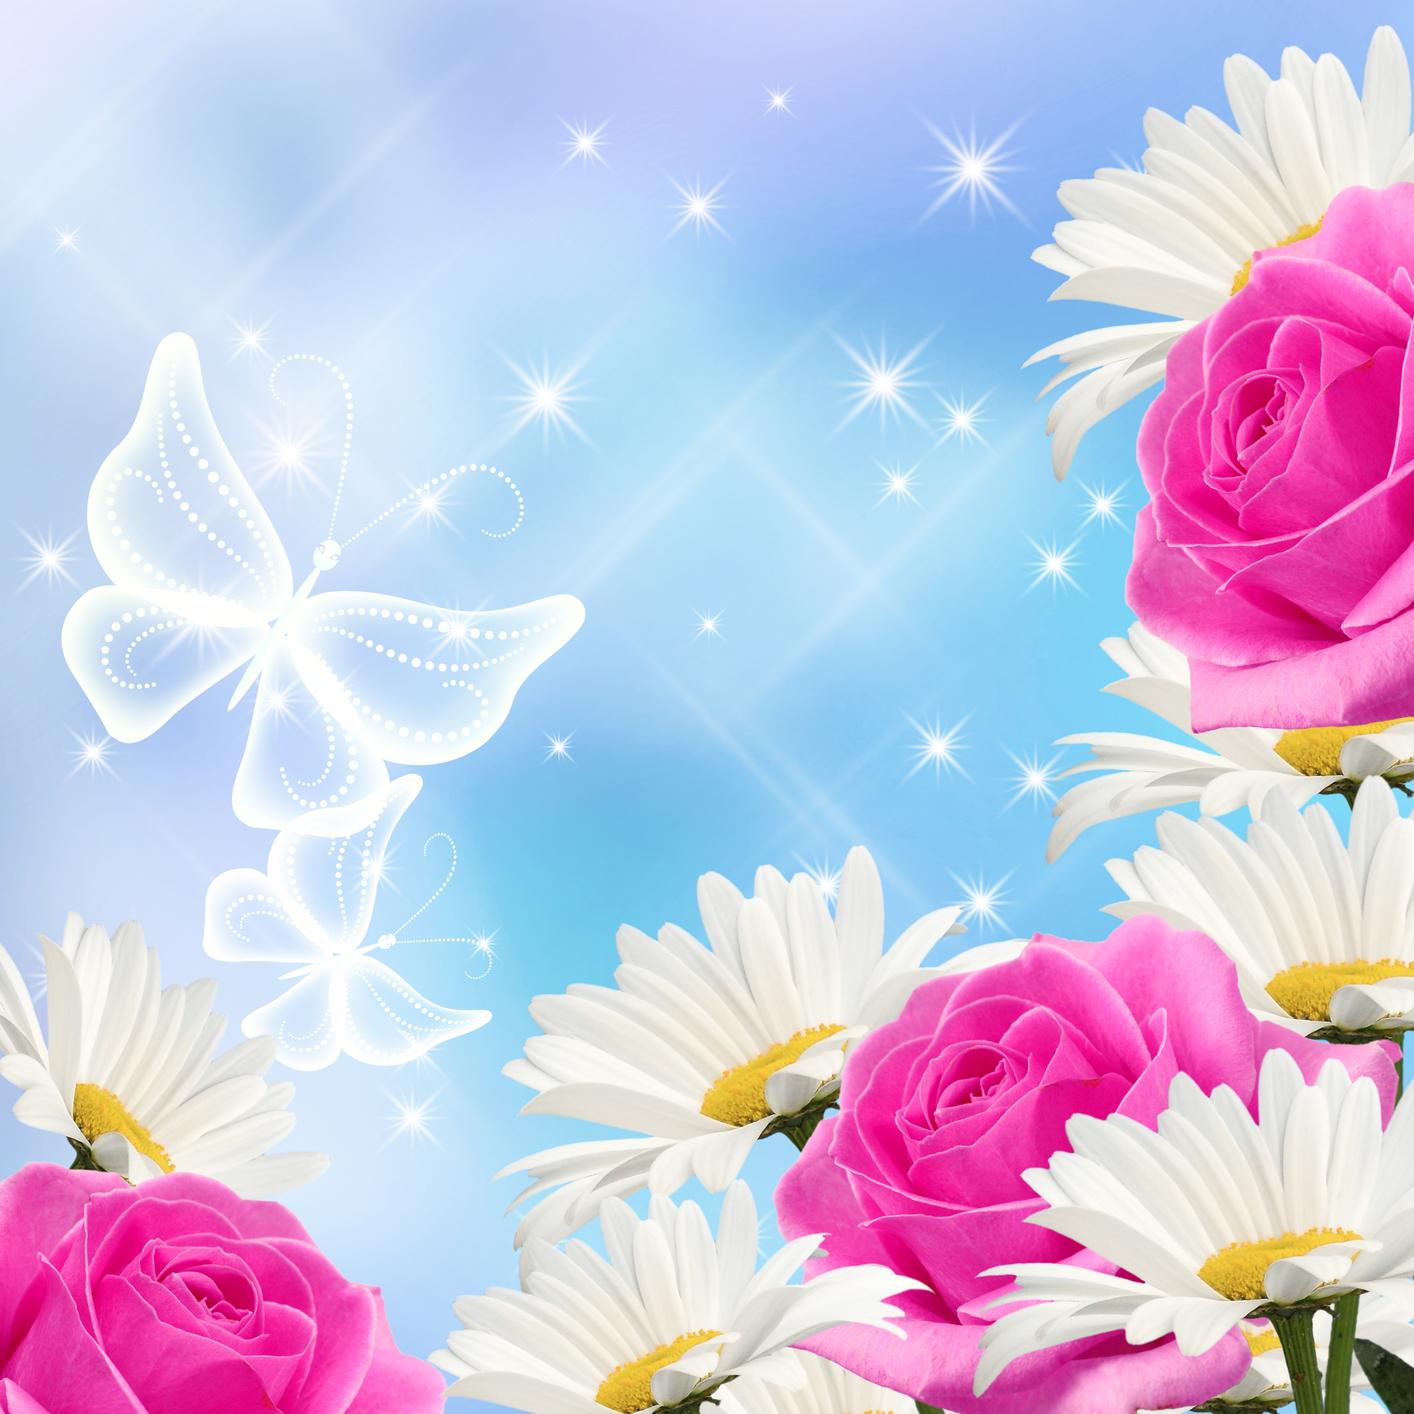 Banco de im genes 15 ilustraciones animadas de flores - Para ver fotos ...